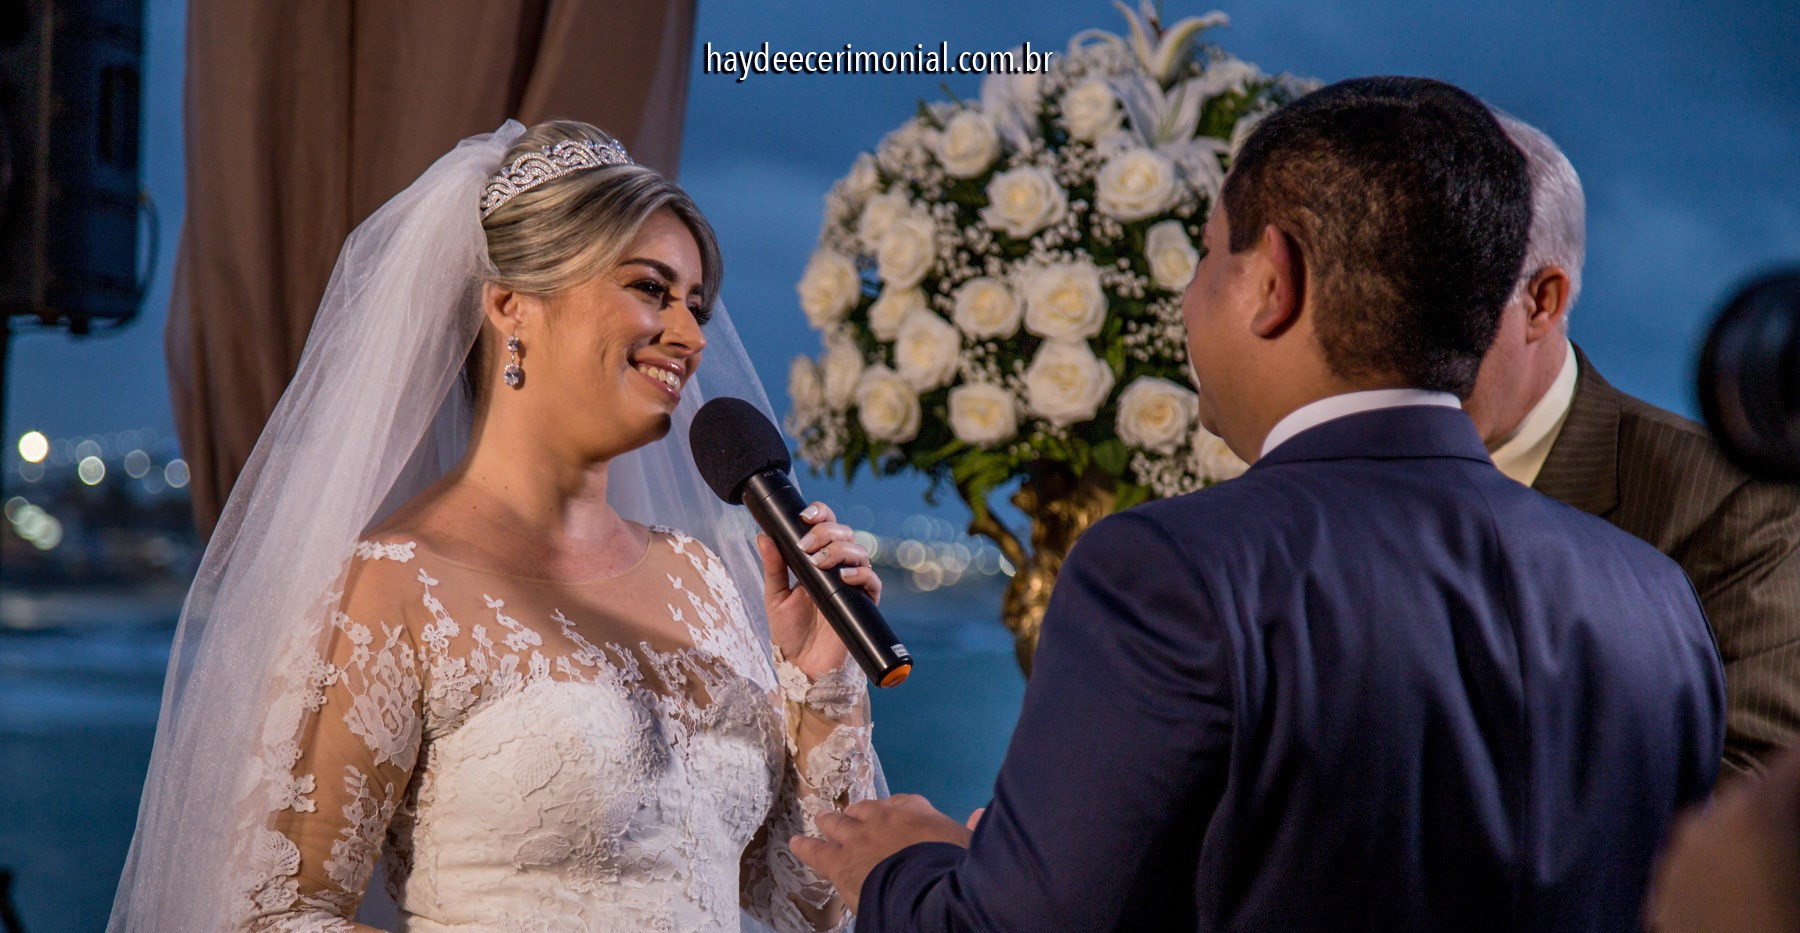 Casamento-Haydee-21